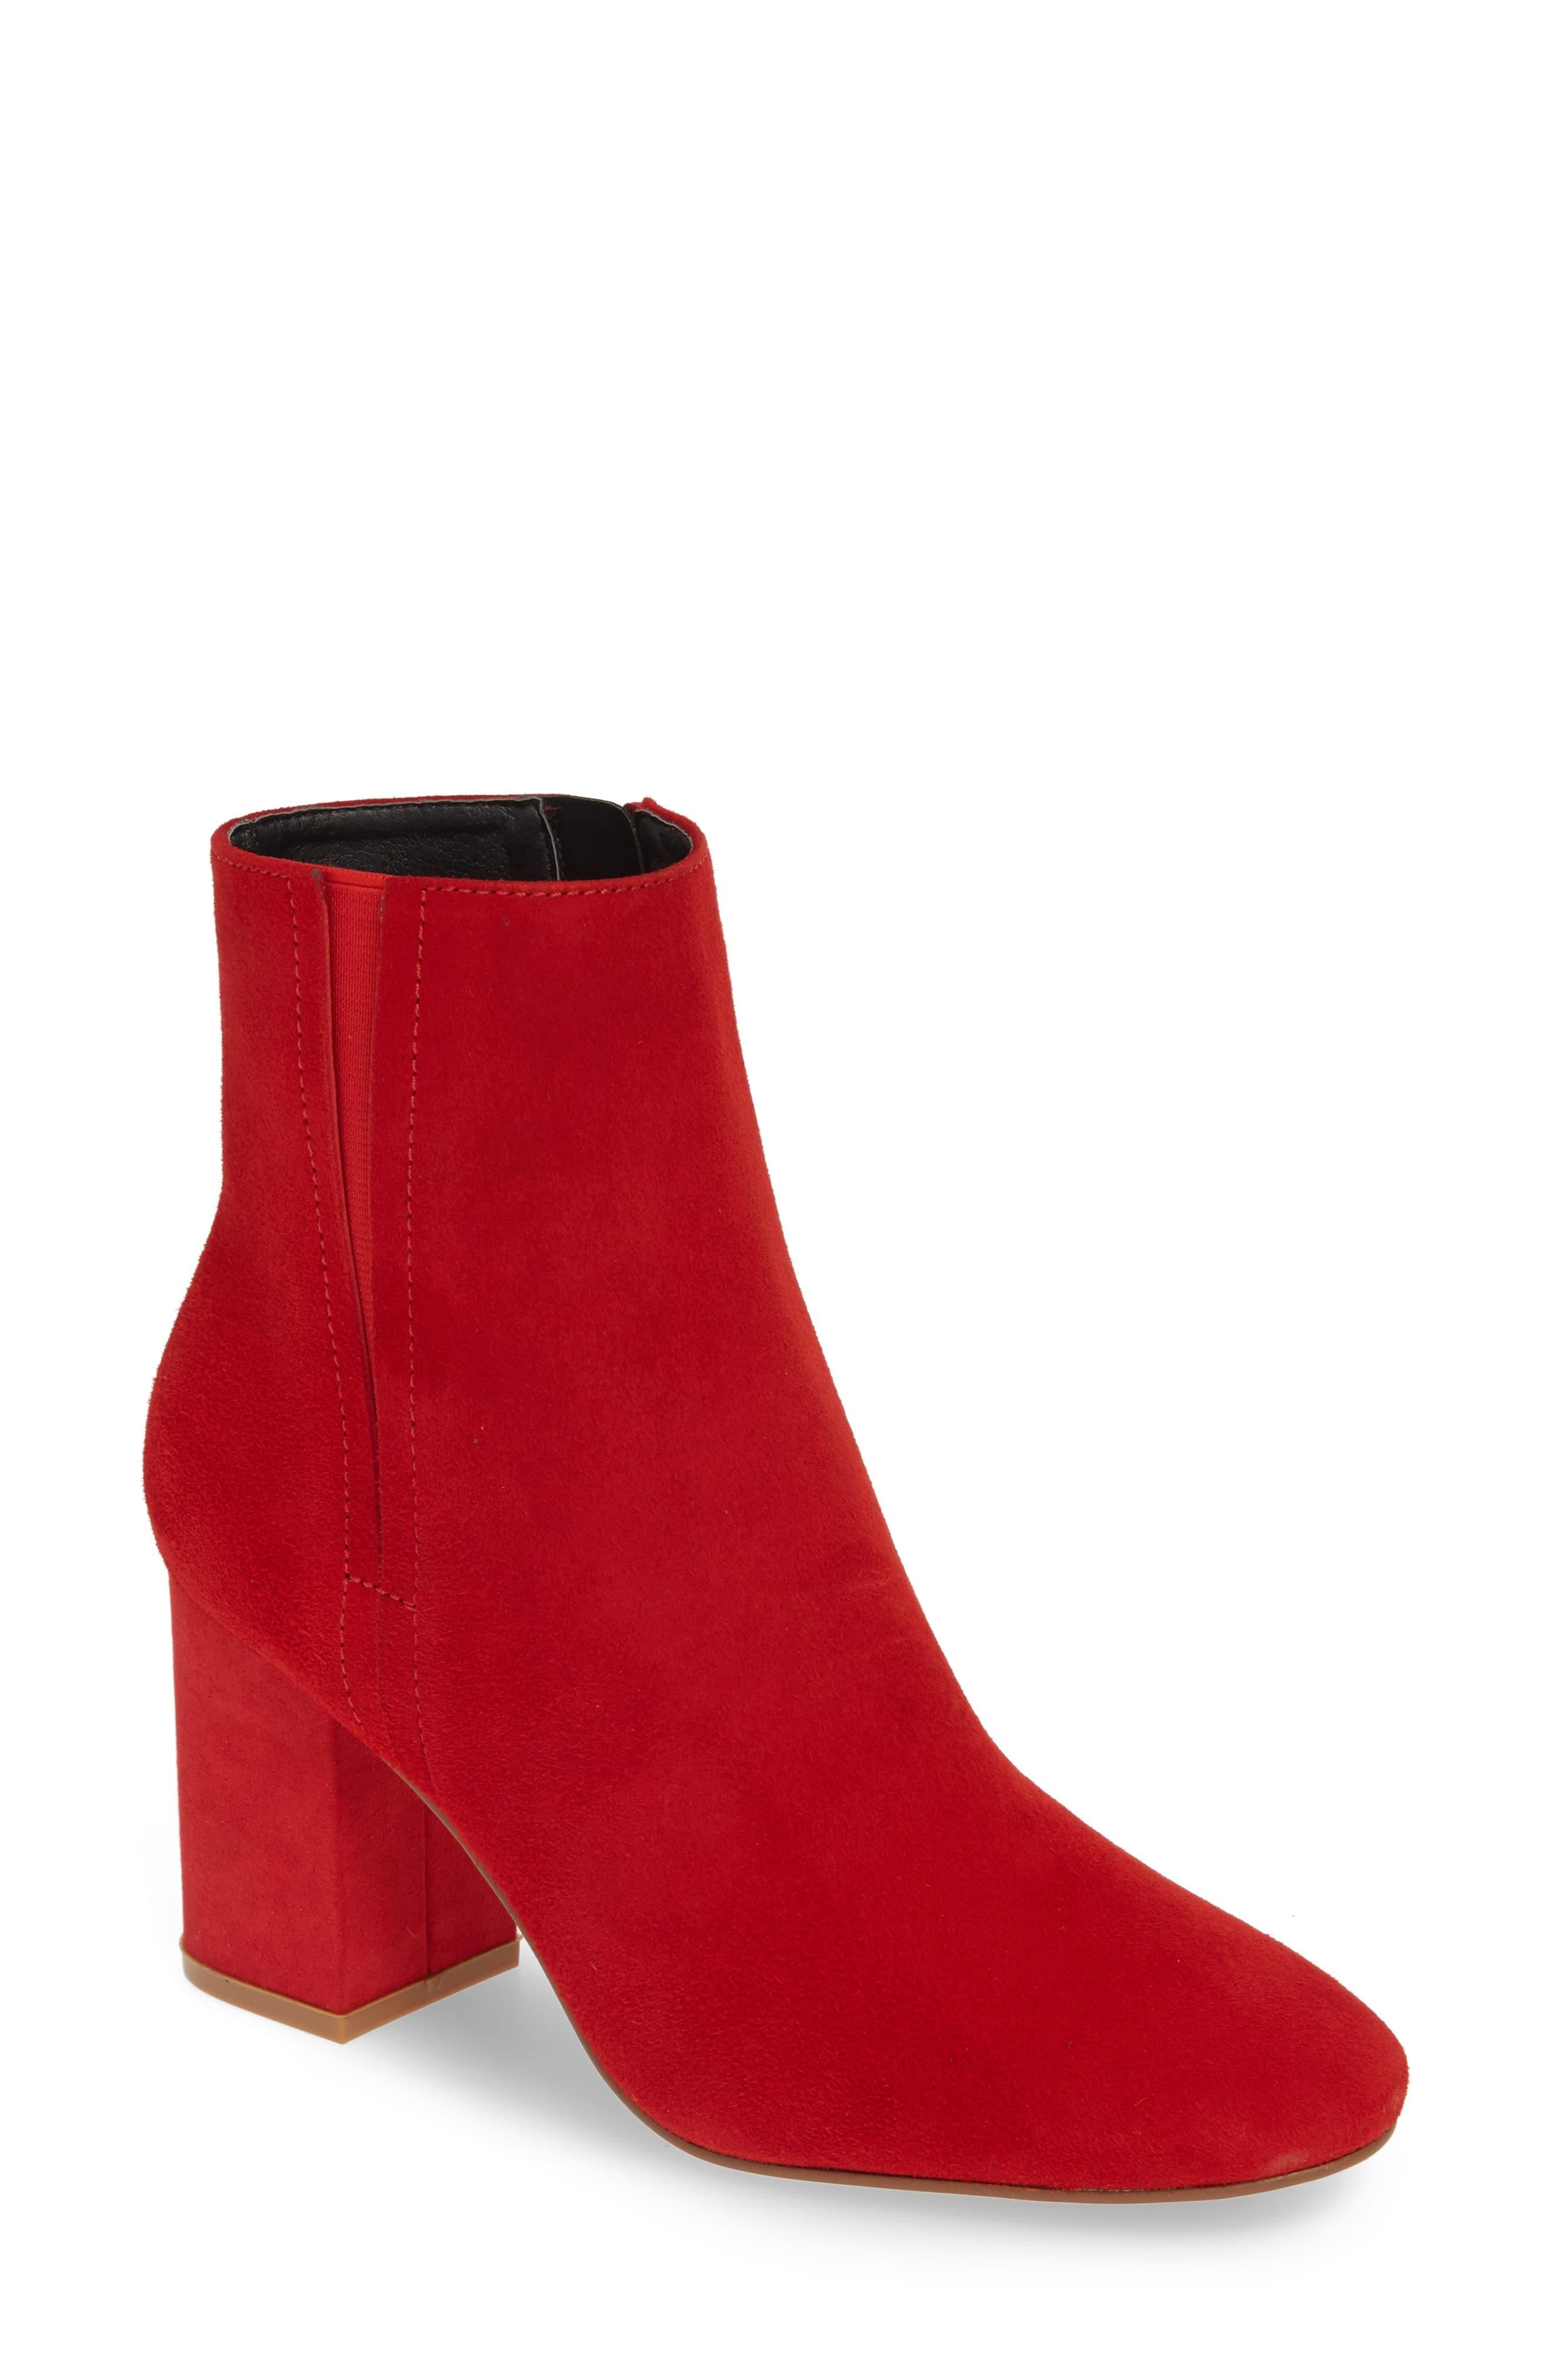 Halogen Abbi Block Heel Bootie, $51